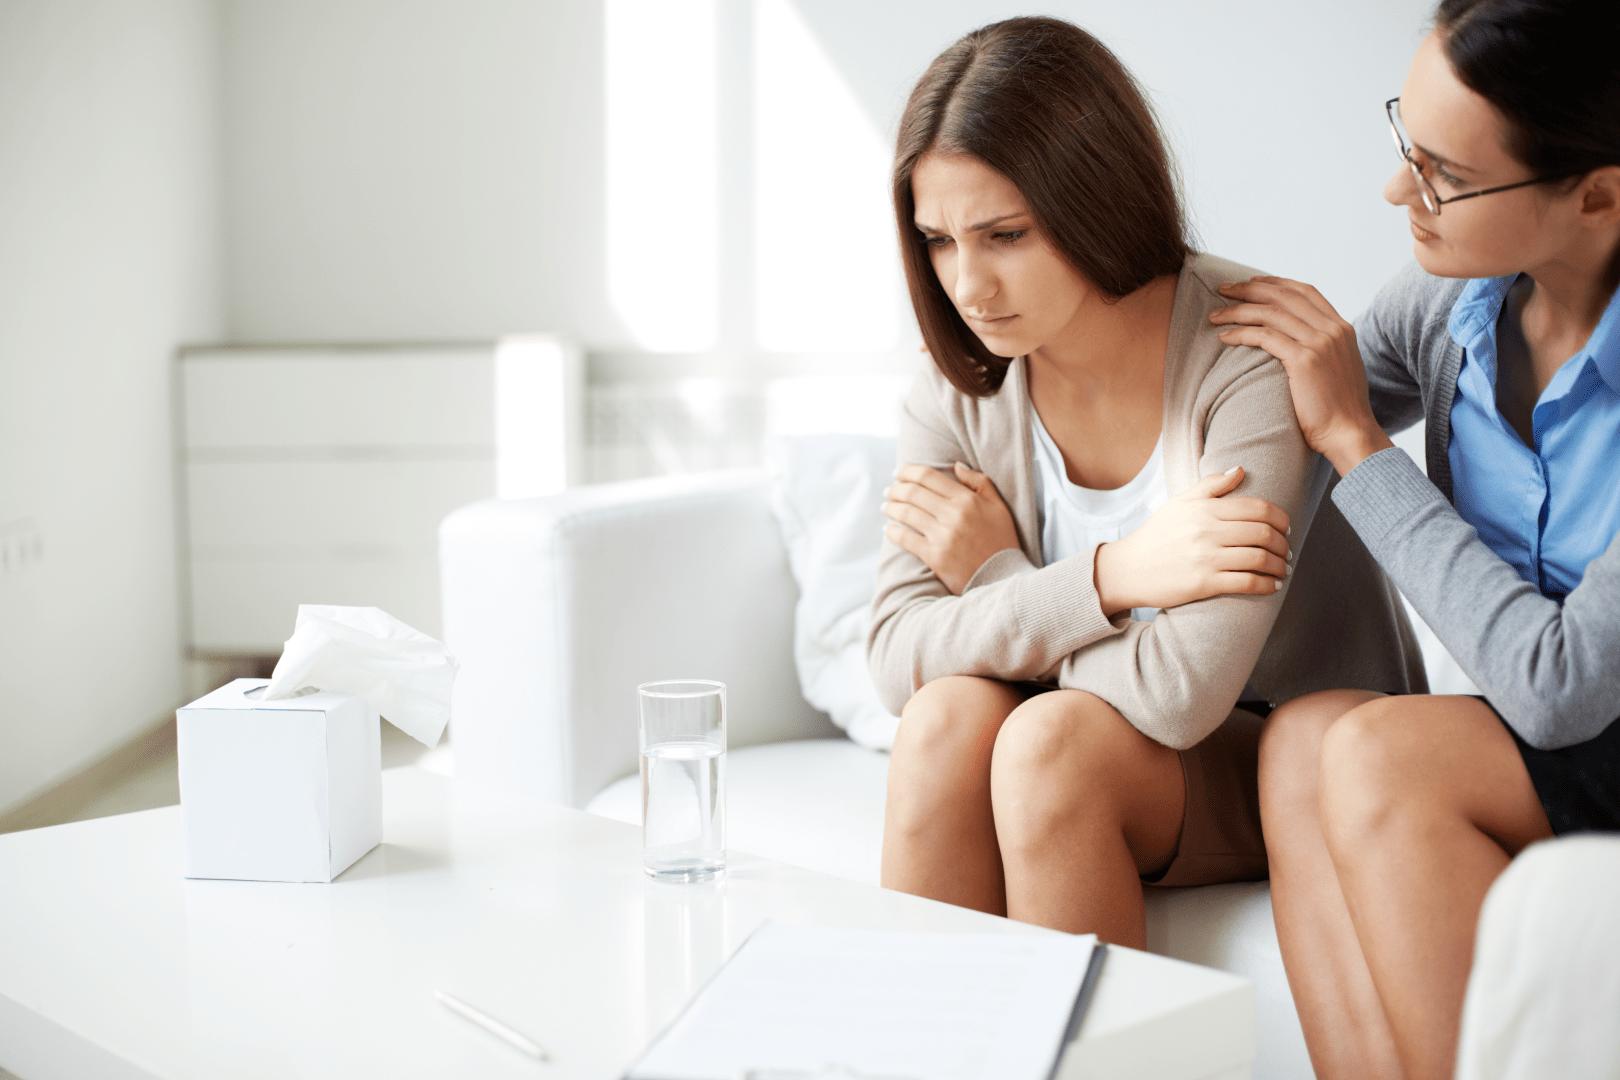 depressao pos parto mulher sendo atendida por uma medica psicologa